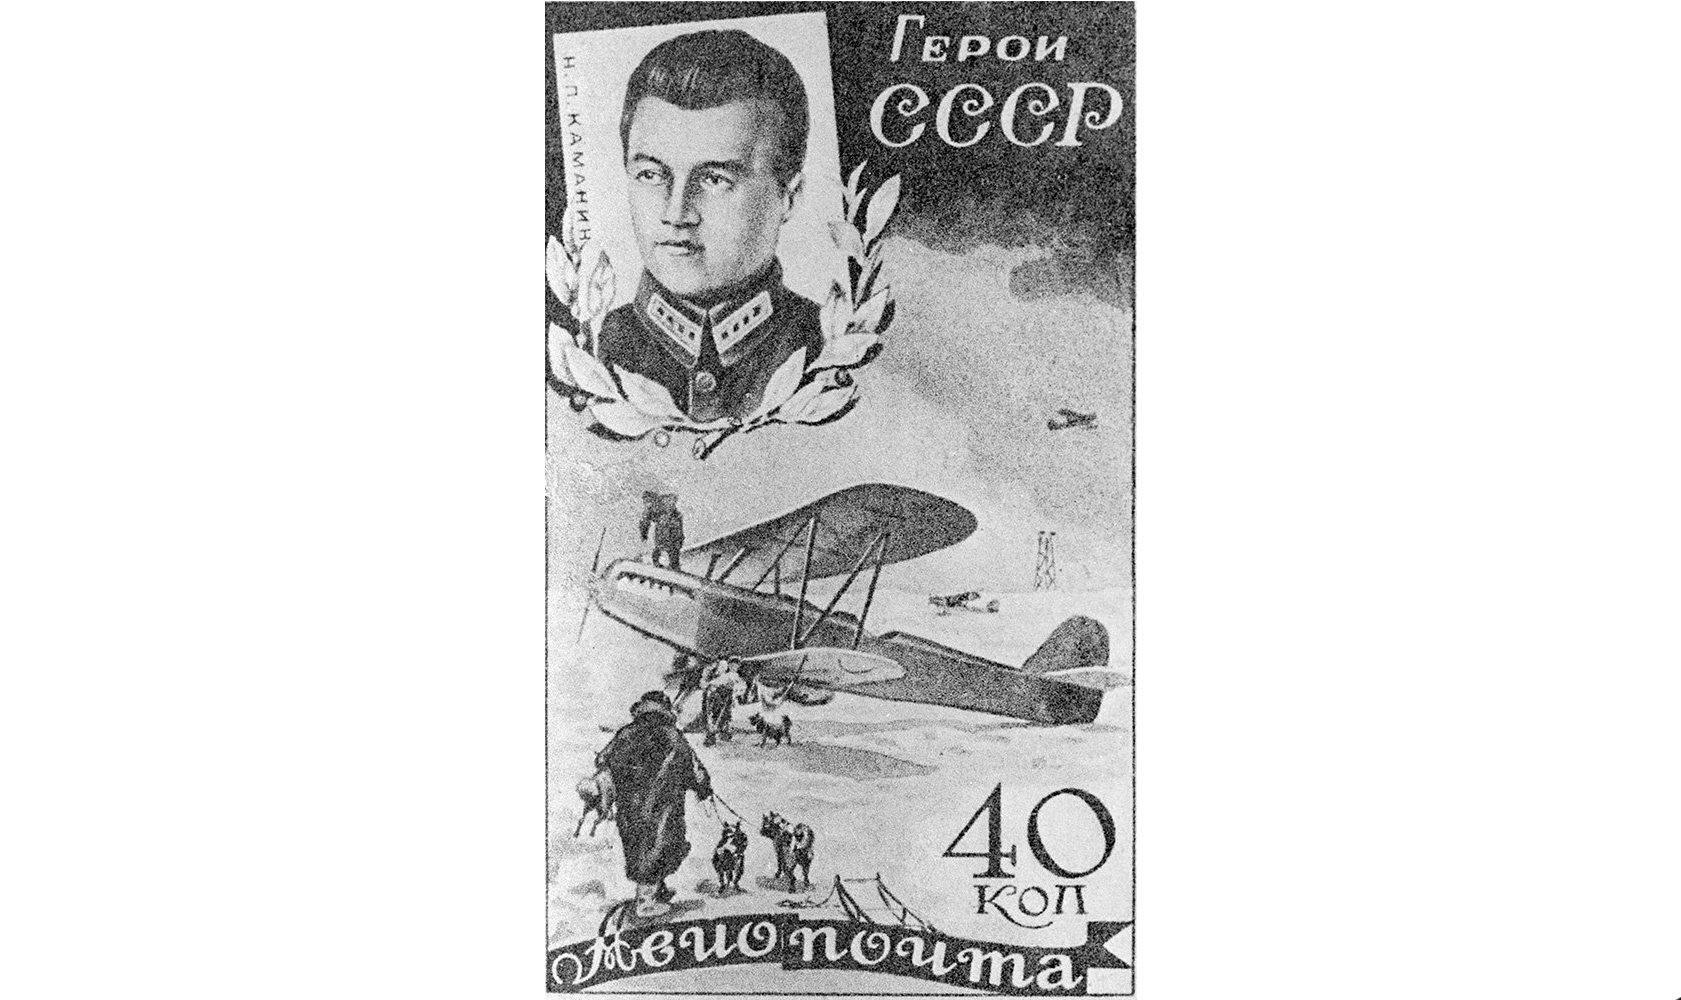 Советская почтовая марка 1935 года с портретом Героя Советского Союза Николая Каманина